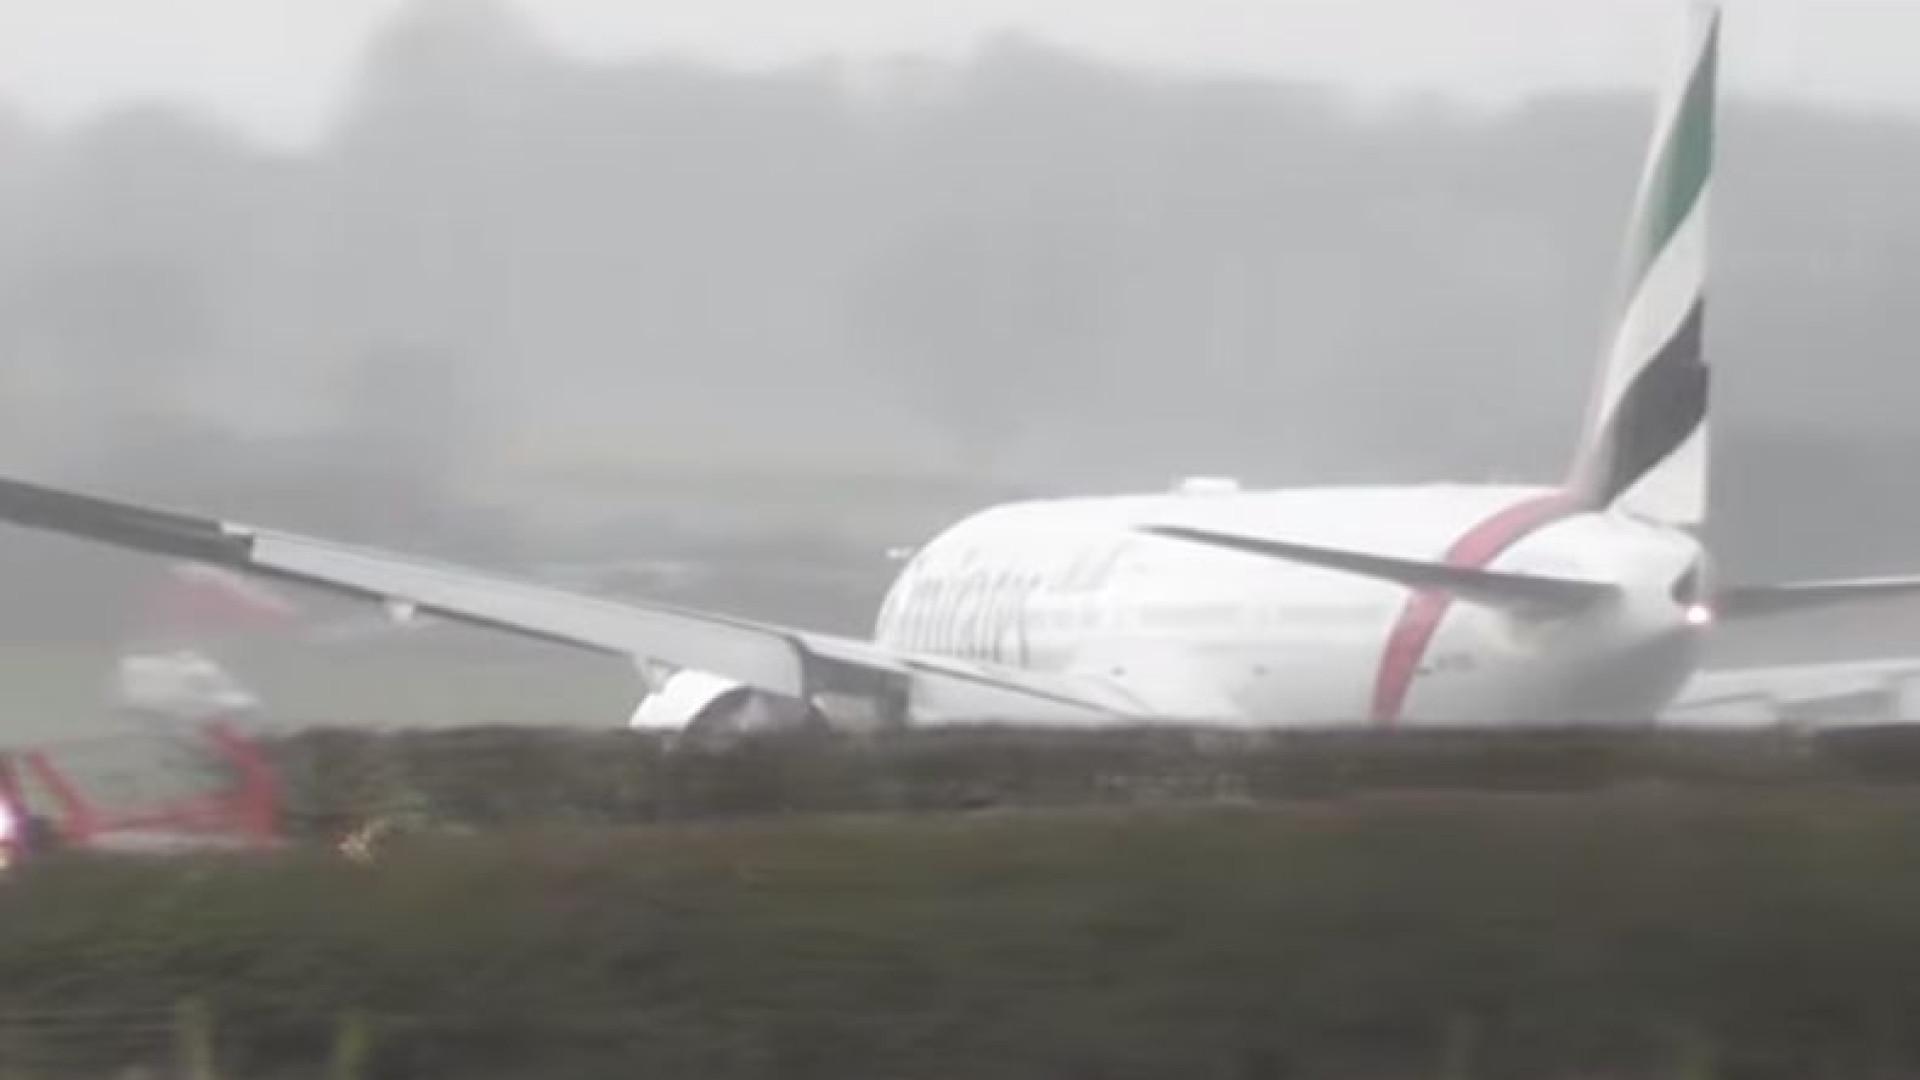 Vídeo mostra avião sacudido por fortes ventos ao tentar pousar